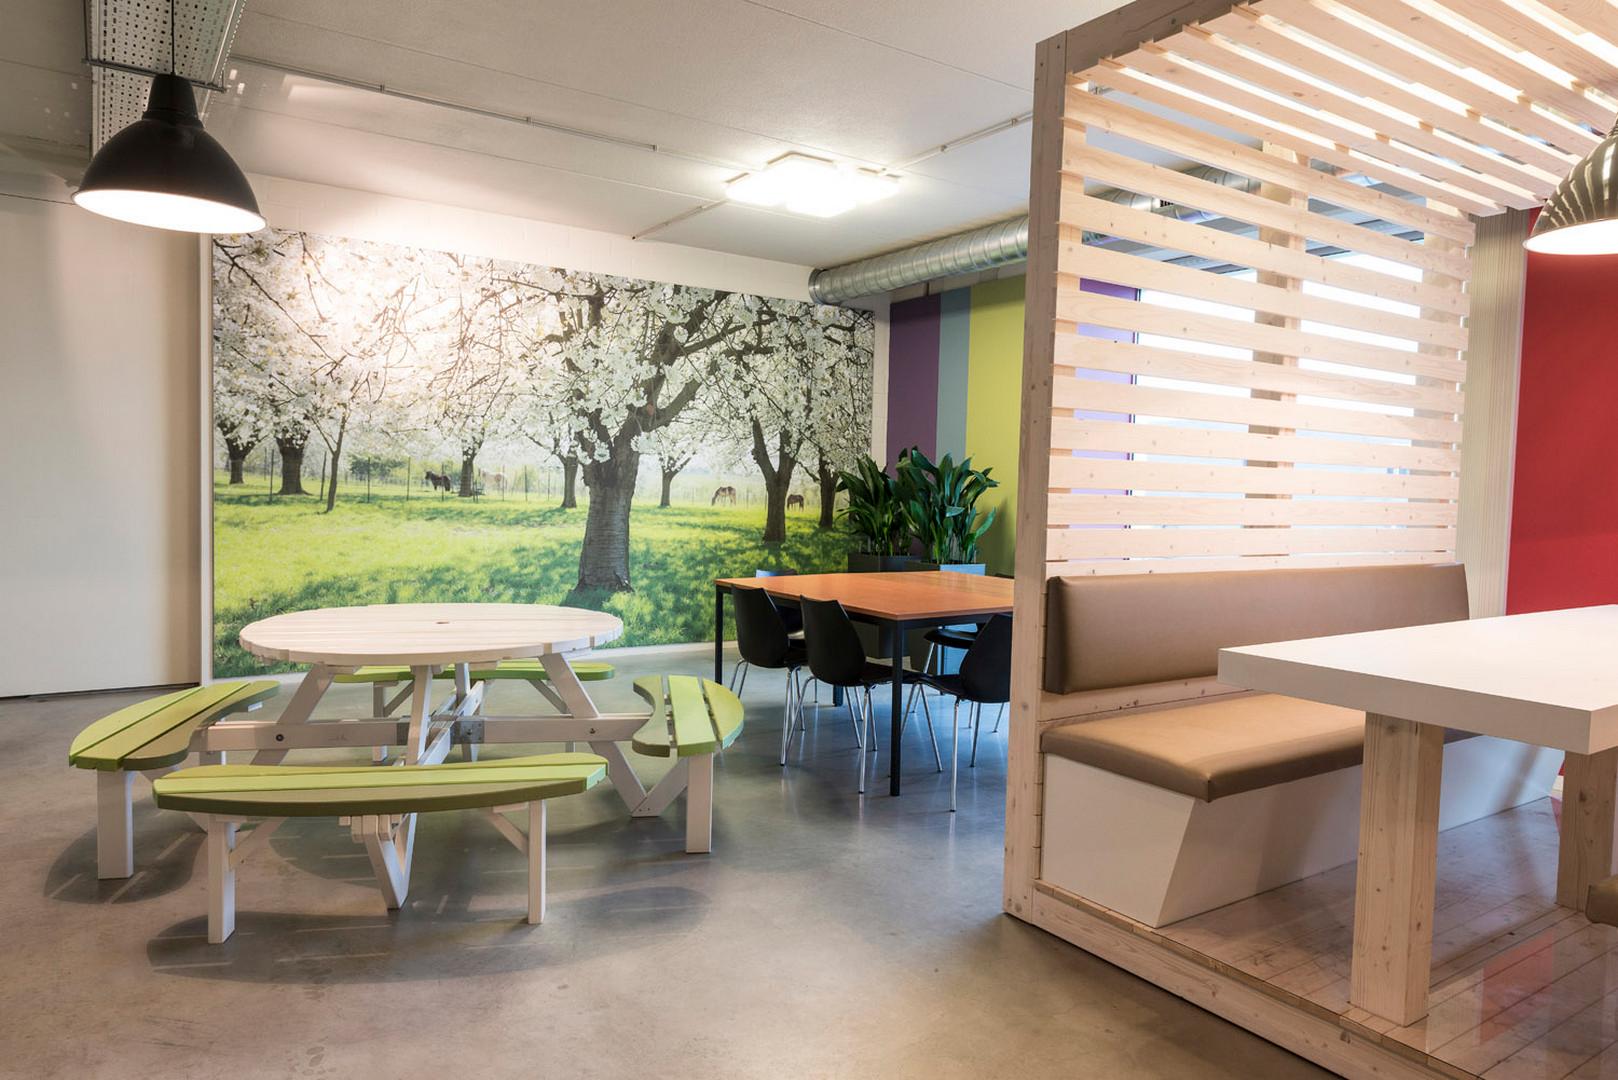 1 Wim Celis Office 12